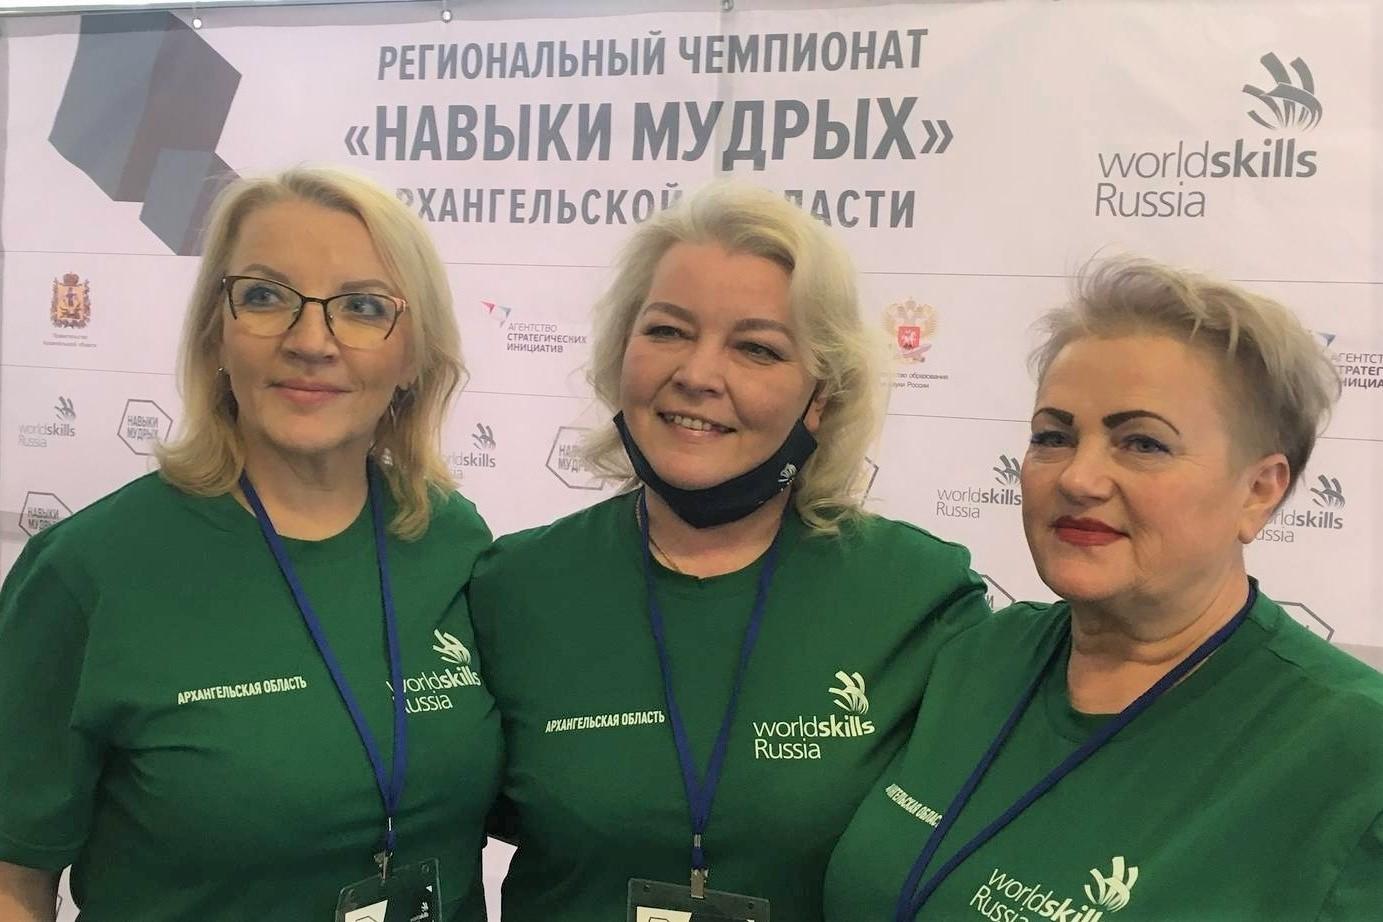 Ирина Бажанова: «Чемпионат «Навыки мудрых» – это конкурс самопроверки и возможность получить новые знания»